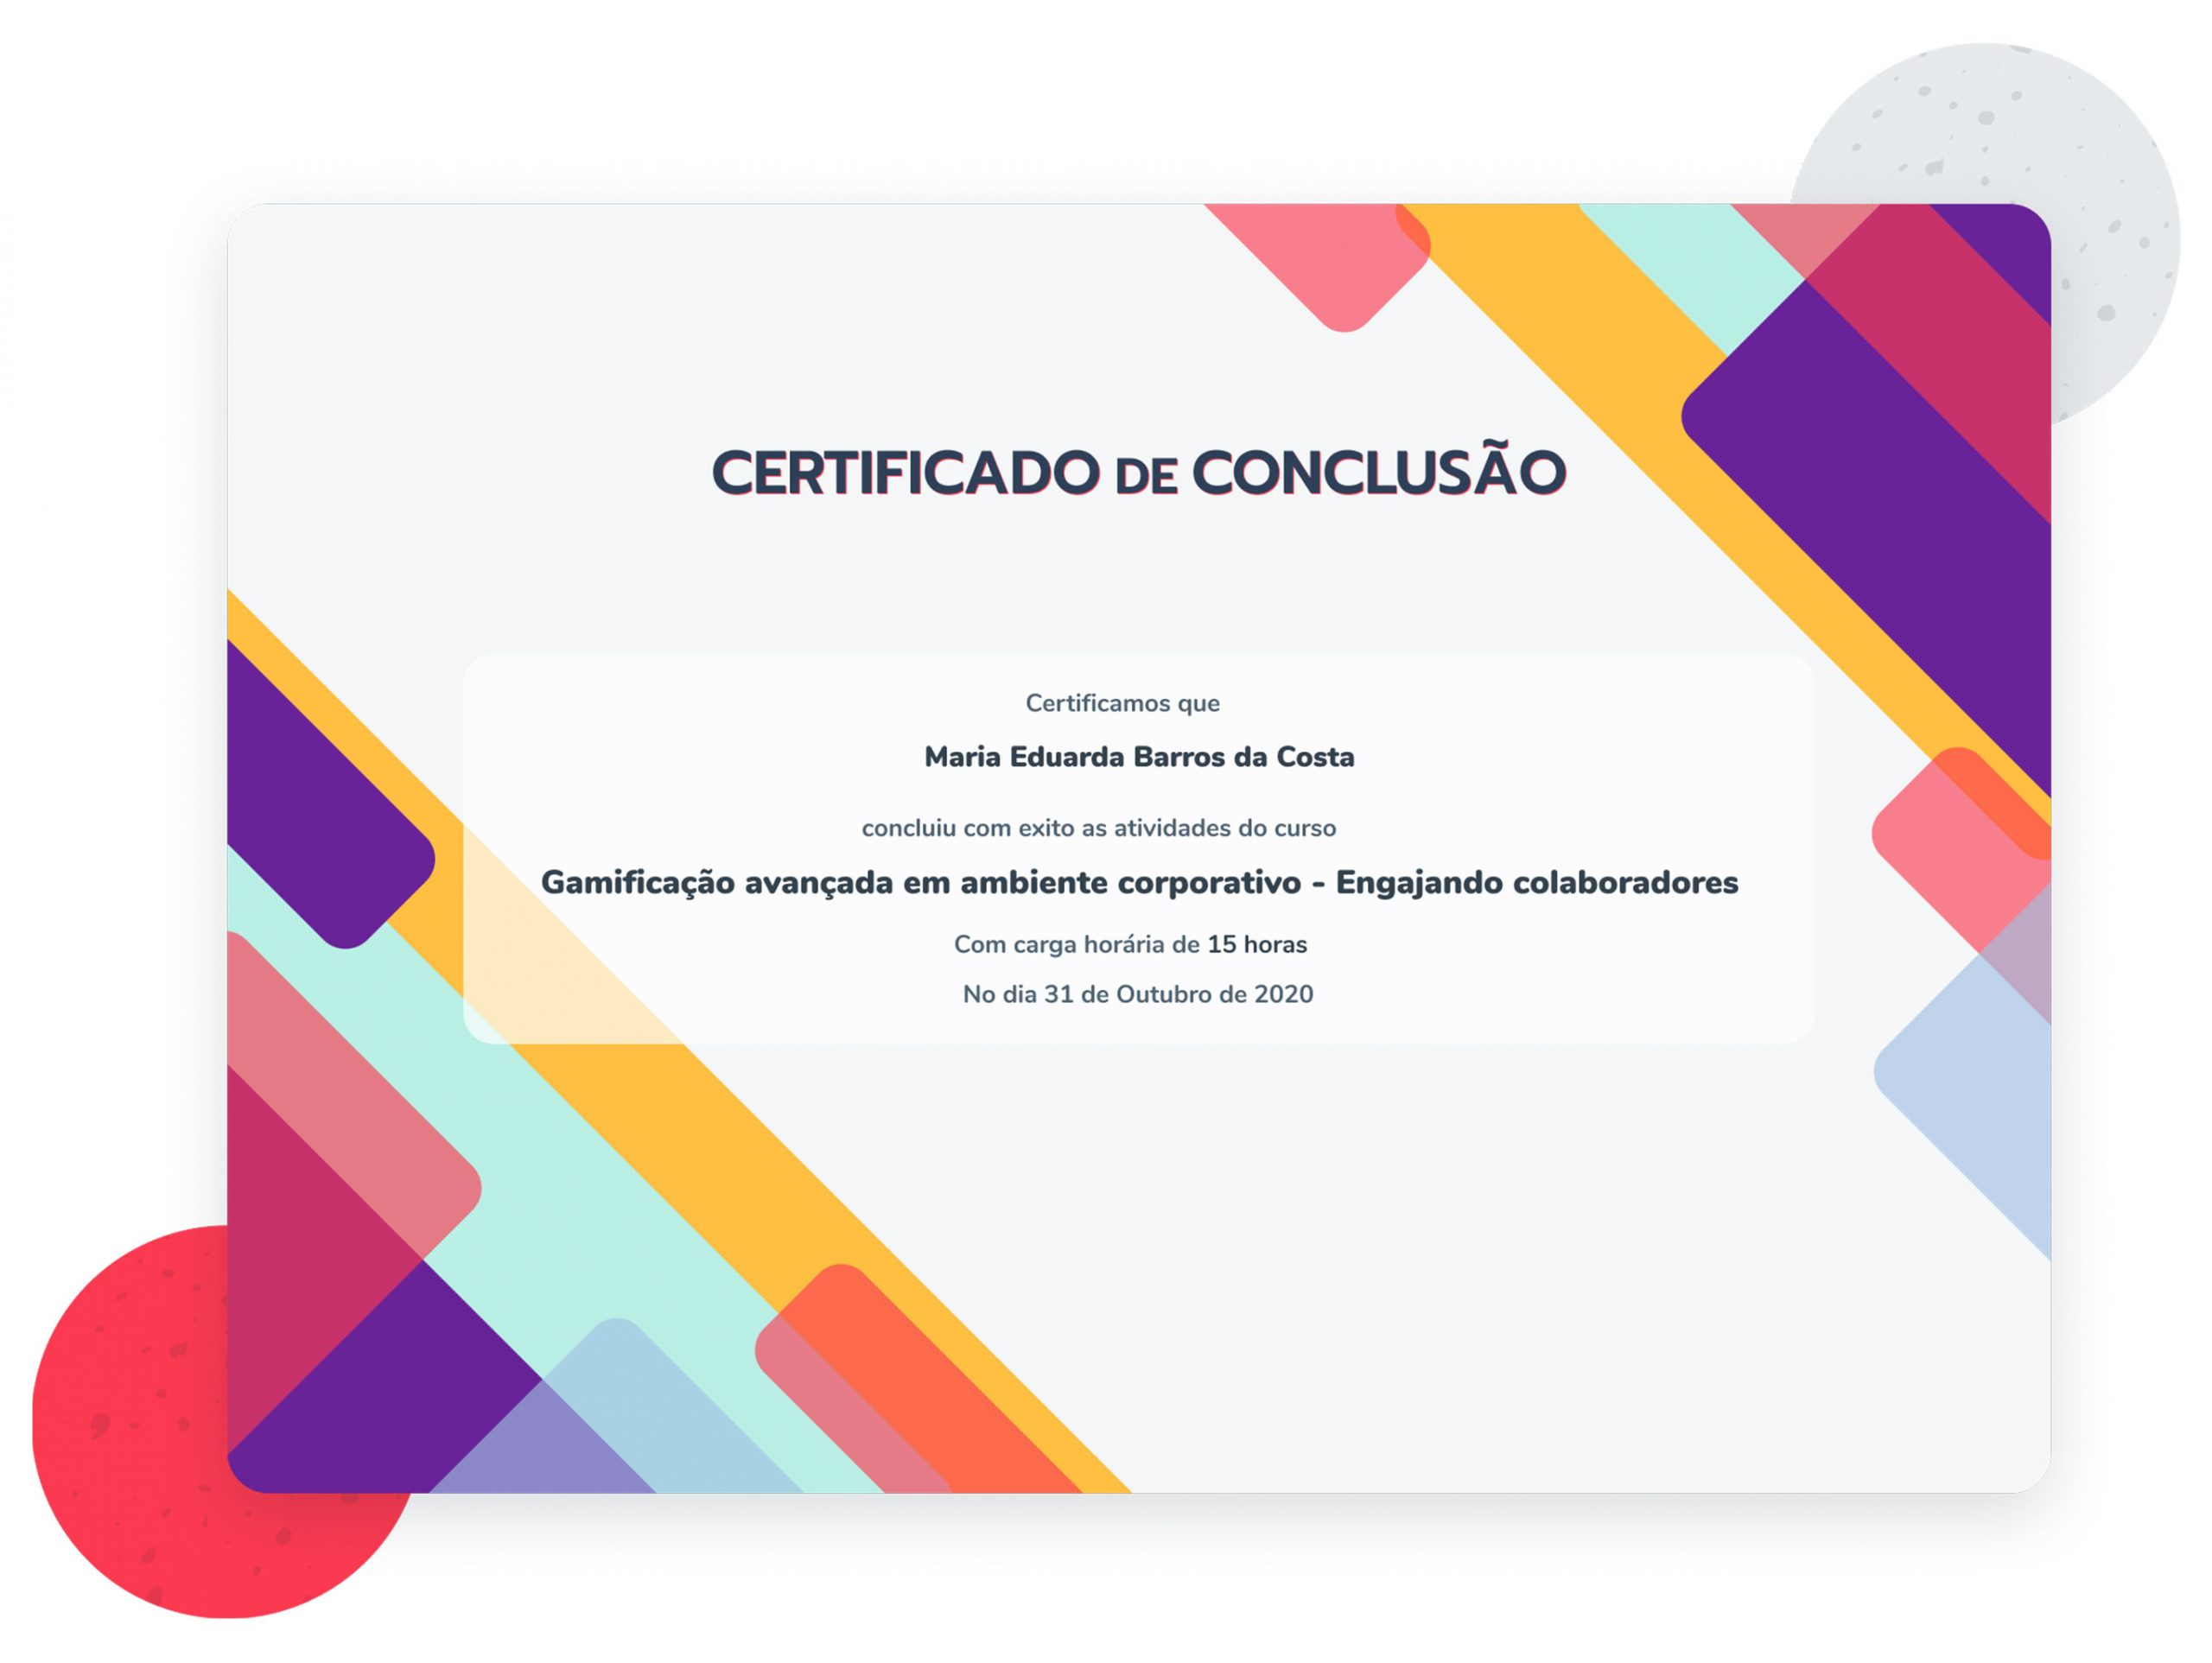 Ludos pro certificado gamificacao 1